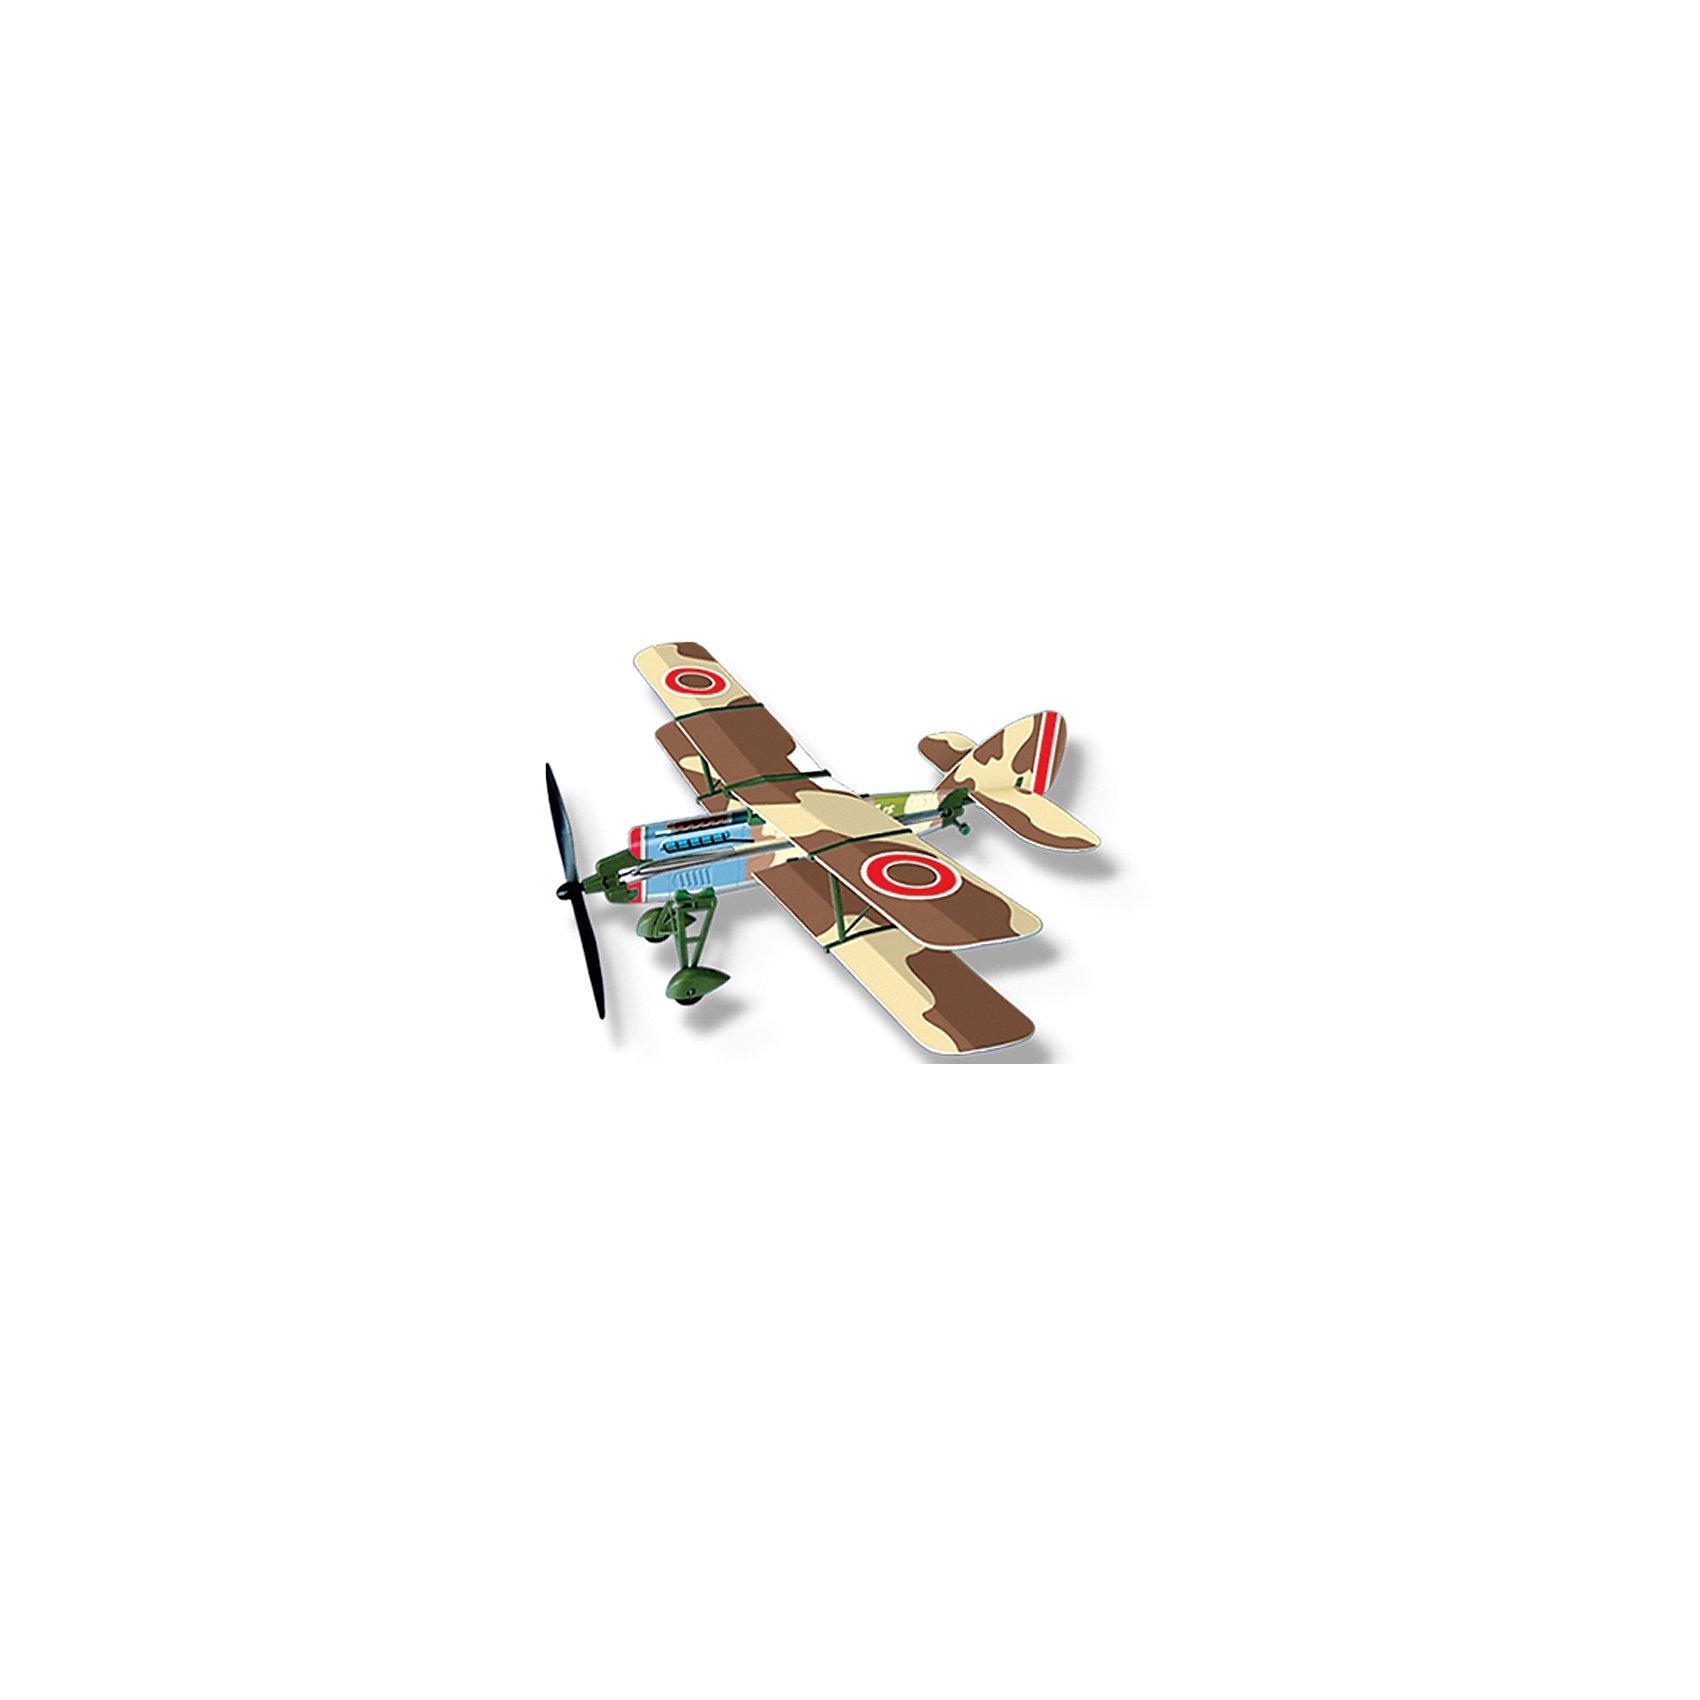 Самолет с резиномотором History Plane F.2B Airplane, LYONAEECЛюбой мальчишка придет в восторг от самолета History Plane F.2B Airplane от LYONAEEC! Легкую и изящную модель биплана катапультного типа удобно носить с собой. С его помощью можно сделать прогулки еще более увлекательными. Набор позволяет собрать реалистичную модель одномоторного двухместного биплана и запустить его в воздух. Для этого не требуется клея или специальных инструментов. Запустить его можно ручным броском или специальной скруткой пропеллера. Самолет летит очень далеко и красиво планирует. С History Plane F.2B Airplane интересно играть даже компанией! Ведь самолет в зависимости от угла запуска и скорости самолет может лететь далеко, а затем самостоятельно приземляться. Решайте, кто лучший пилот и оттачивайте навыки пилотирования с History Plane F.2B Airplane. Мальчишкам очень понравится играть с самолетом, который они соберут сами, используя несложную инструкцию.<br><br>Дополнительная информация:<br><br>- В комплекте: детали самолета, инструкция;<br>- Материал: пластик;<br>- Яркое оформление;<br>- Длина самолета: 45,3 см;<br>- Размах крыльев: 42,2 см;<br>- Размер упаковки: 42,5 х 17,5 х 35 см;<br>- Вес: 73 г<br><br>Самолет с резиномотором History Plane F.2B Airplane, LYONAEEC  можно купить в нашем интернет-магазине.<br><br>Ширина мм: 425<br>Глубина мм: 175<br>Высота мм: 350<br>Вес г: 73<br>Возраст от месяцев: 96<br>Возраст до месяцев: 168<br>Пол: Мужской<br>Возраст: Детский<br>SKU: 4094276